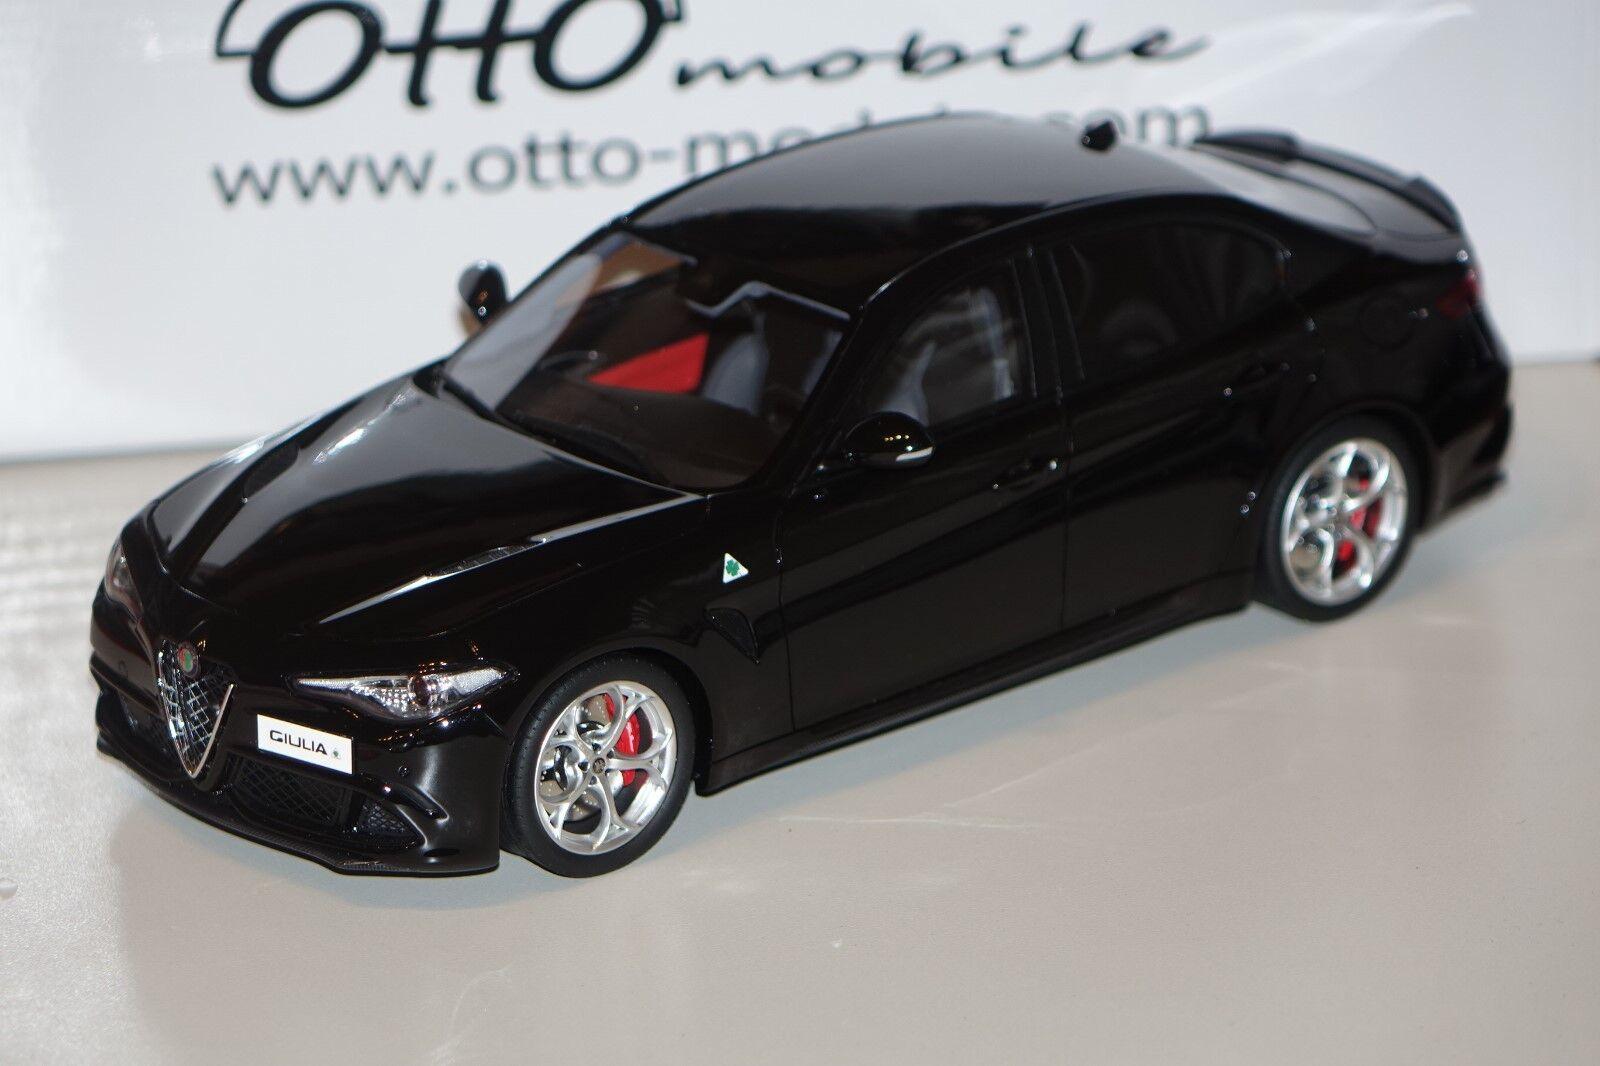 Alfa Romeo Giulia Quadrifoglio noir 1 18 resin Ottomobile ot793 NOUVEAU & NEUF dans sa boîte